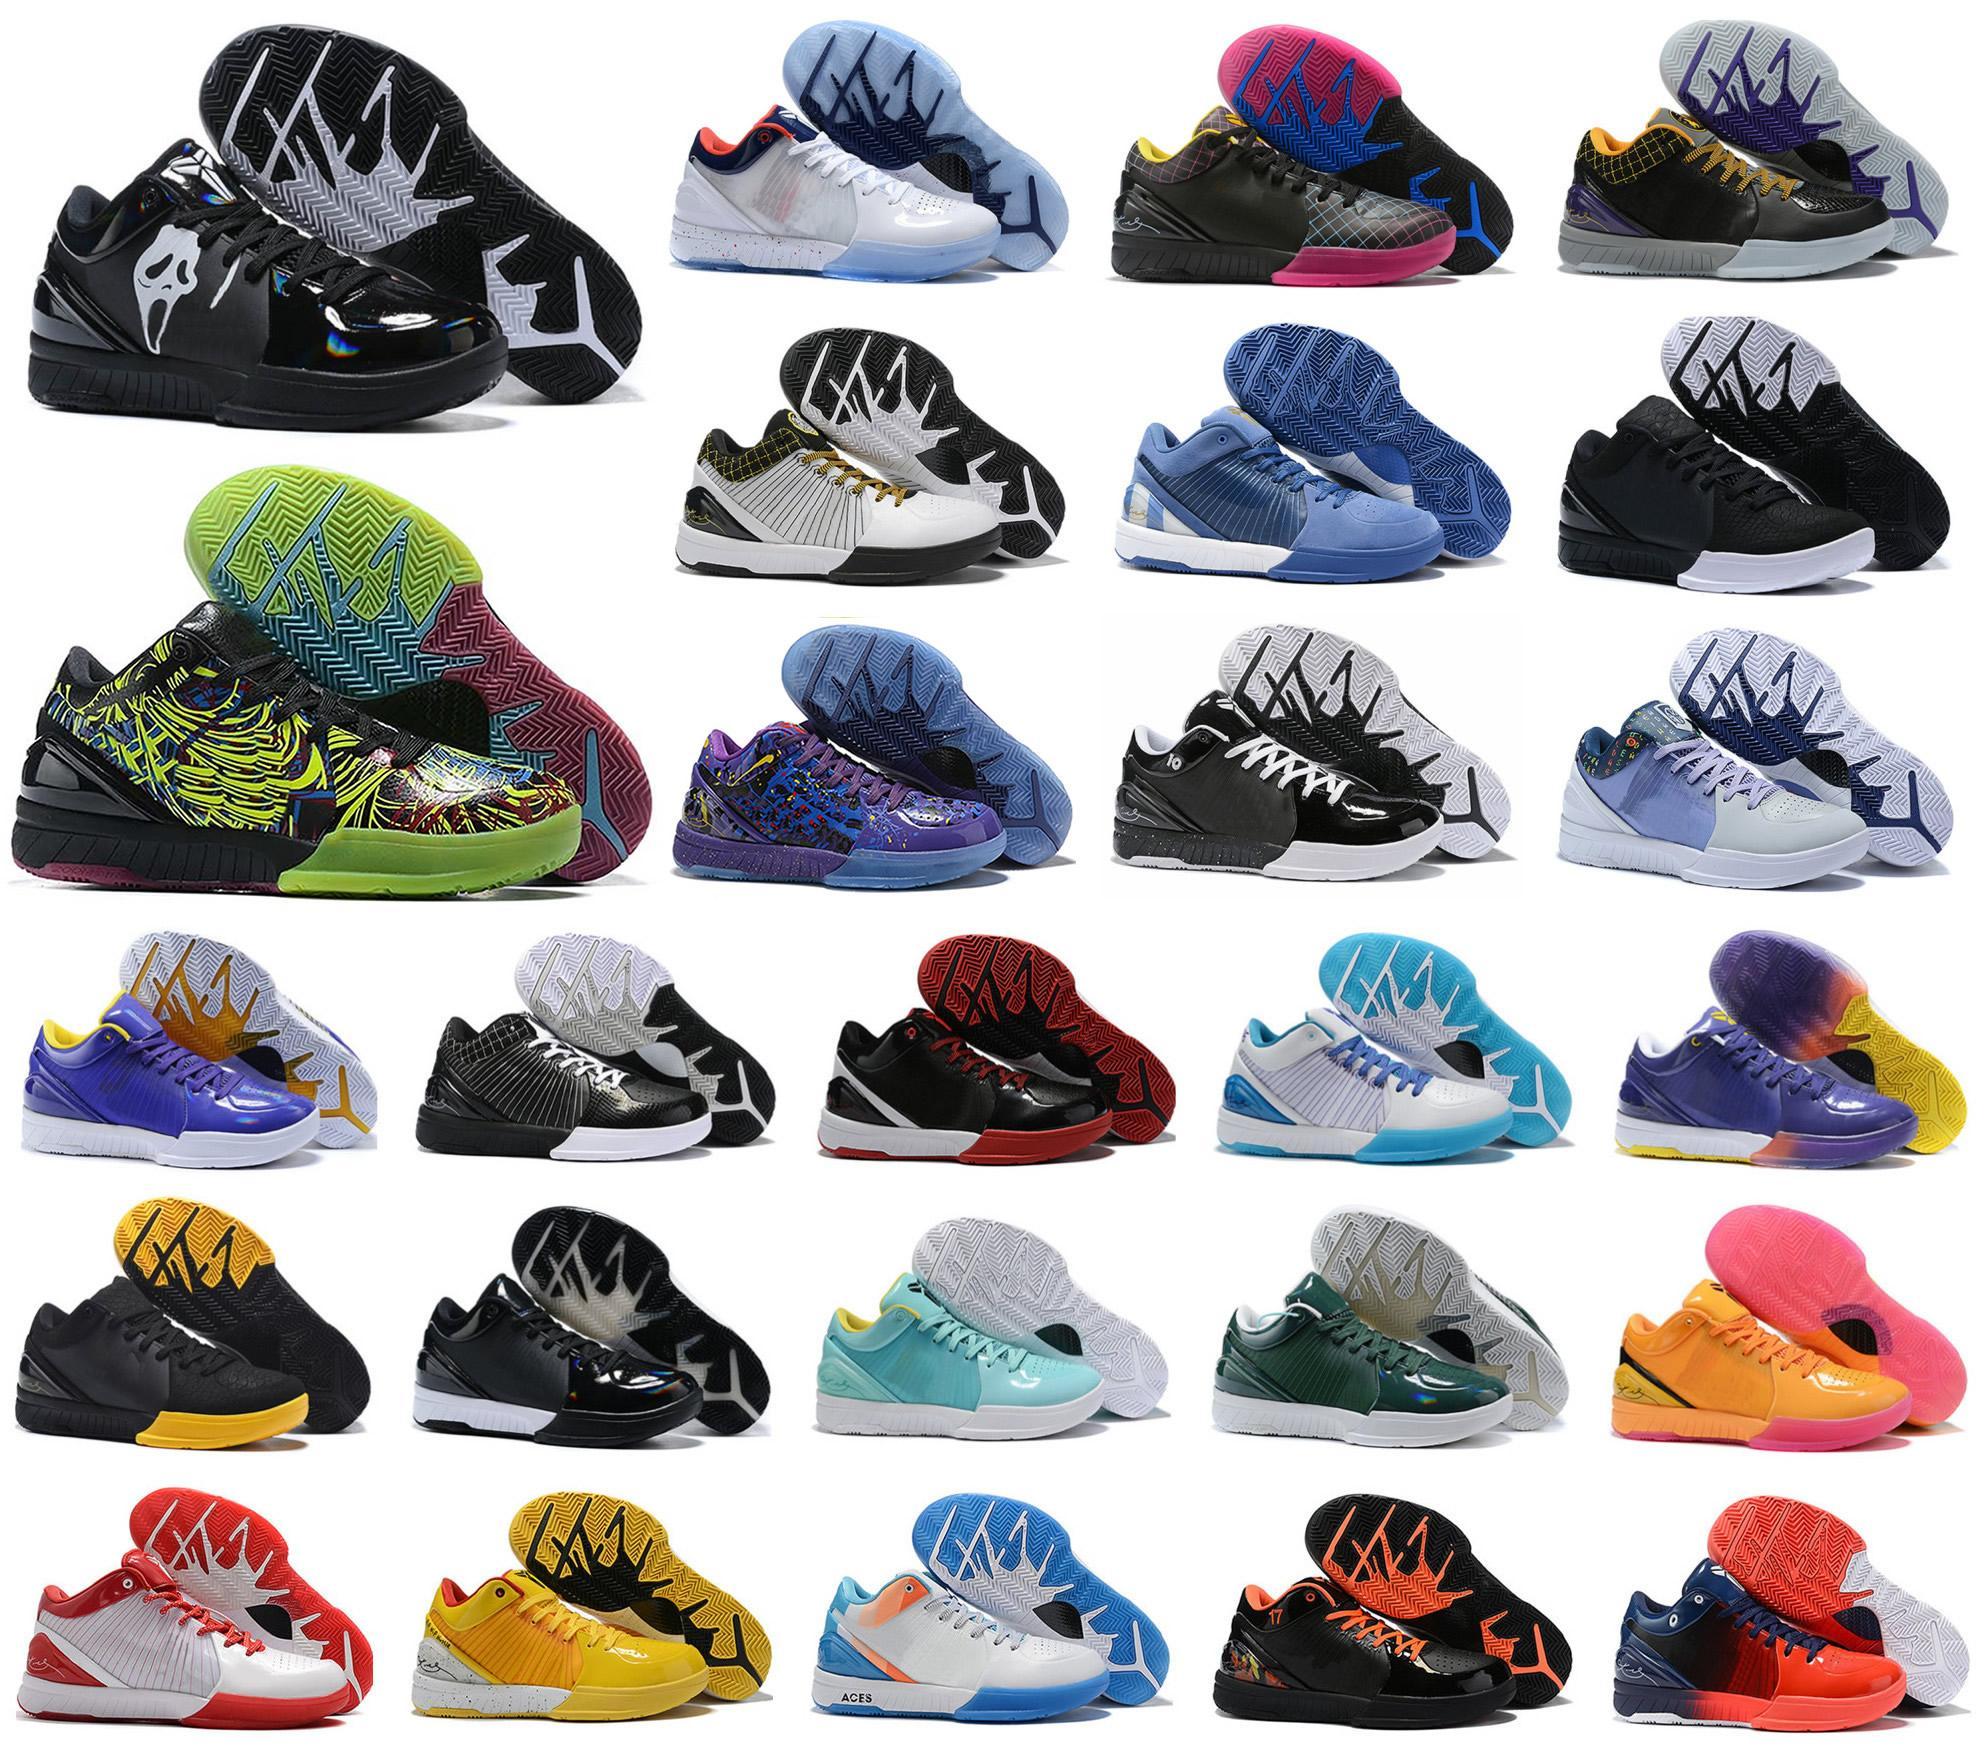 حار مامبا IV 4 K4 Protro مشروع يوم هورنتس كارب ديم ديل سول الرياضة كرة السلة أحذية الرجال ZK4 4S حذاء رياضة حجم US7-12